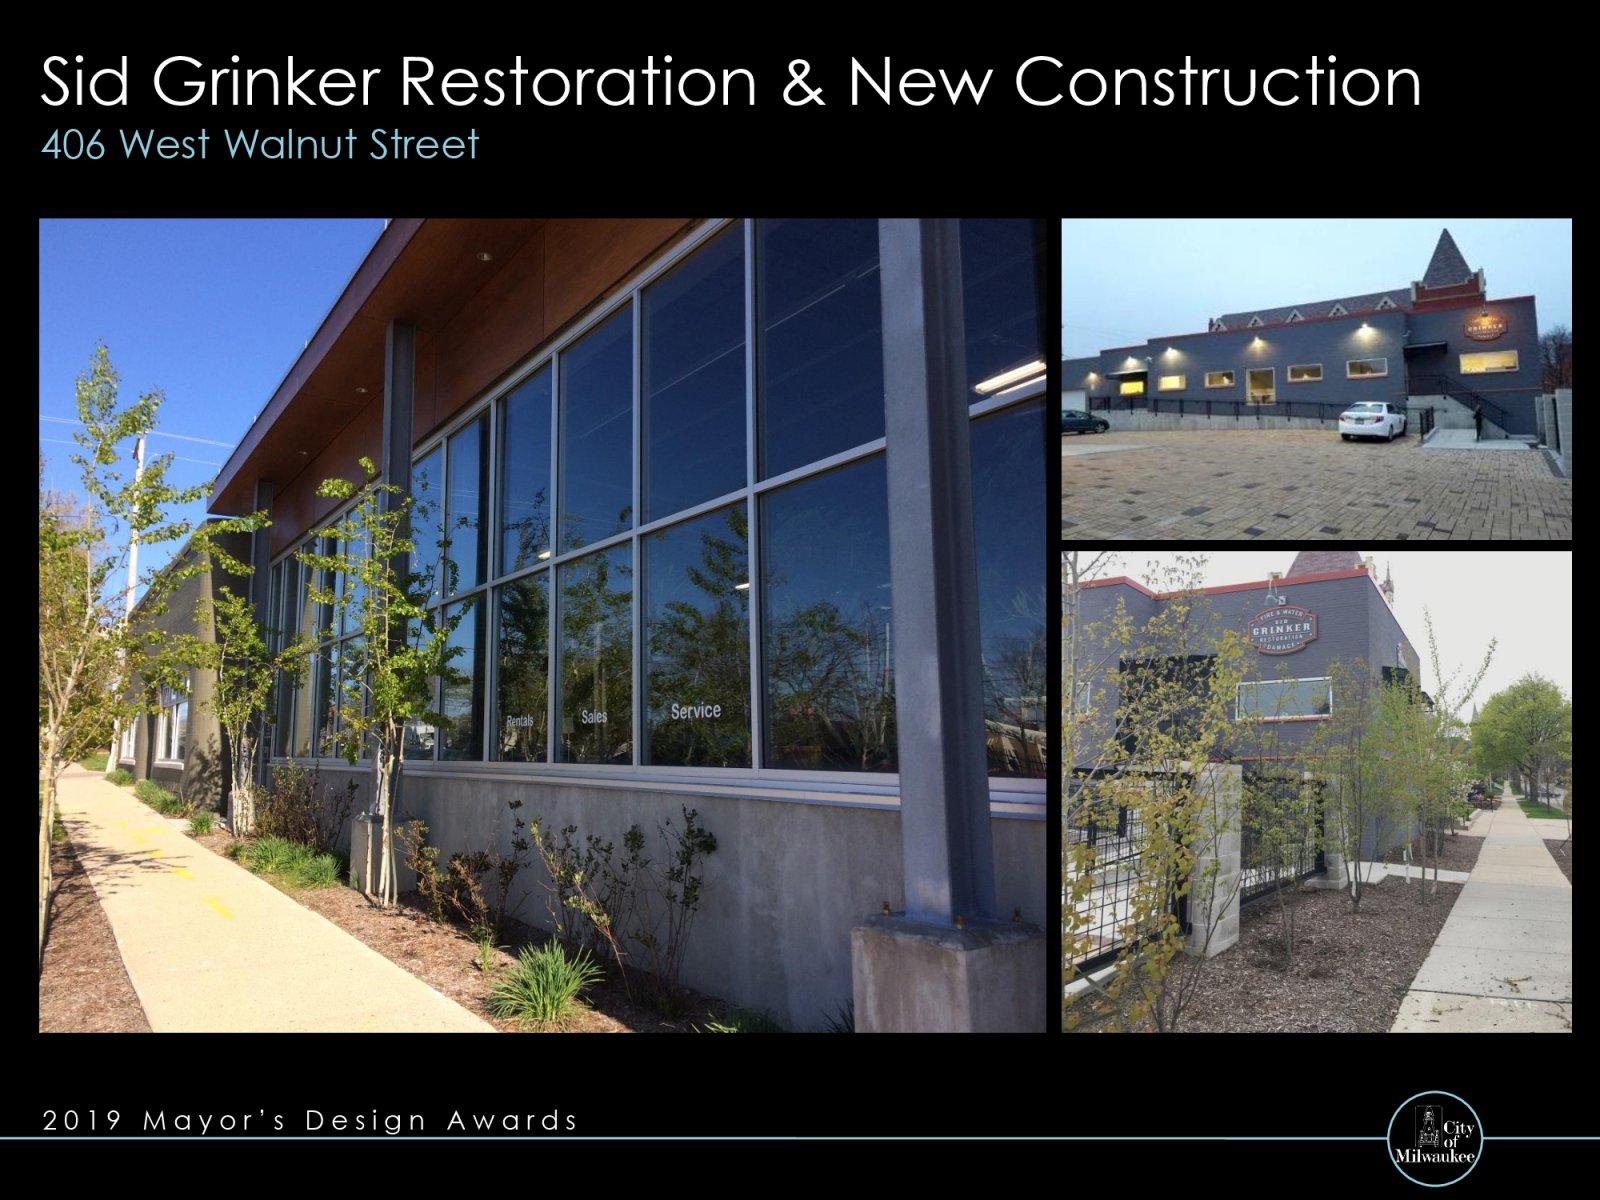 Sid Grinker Restoration